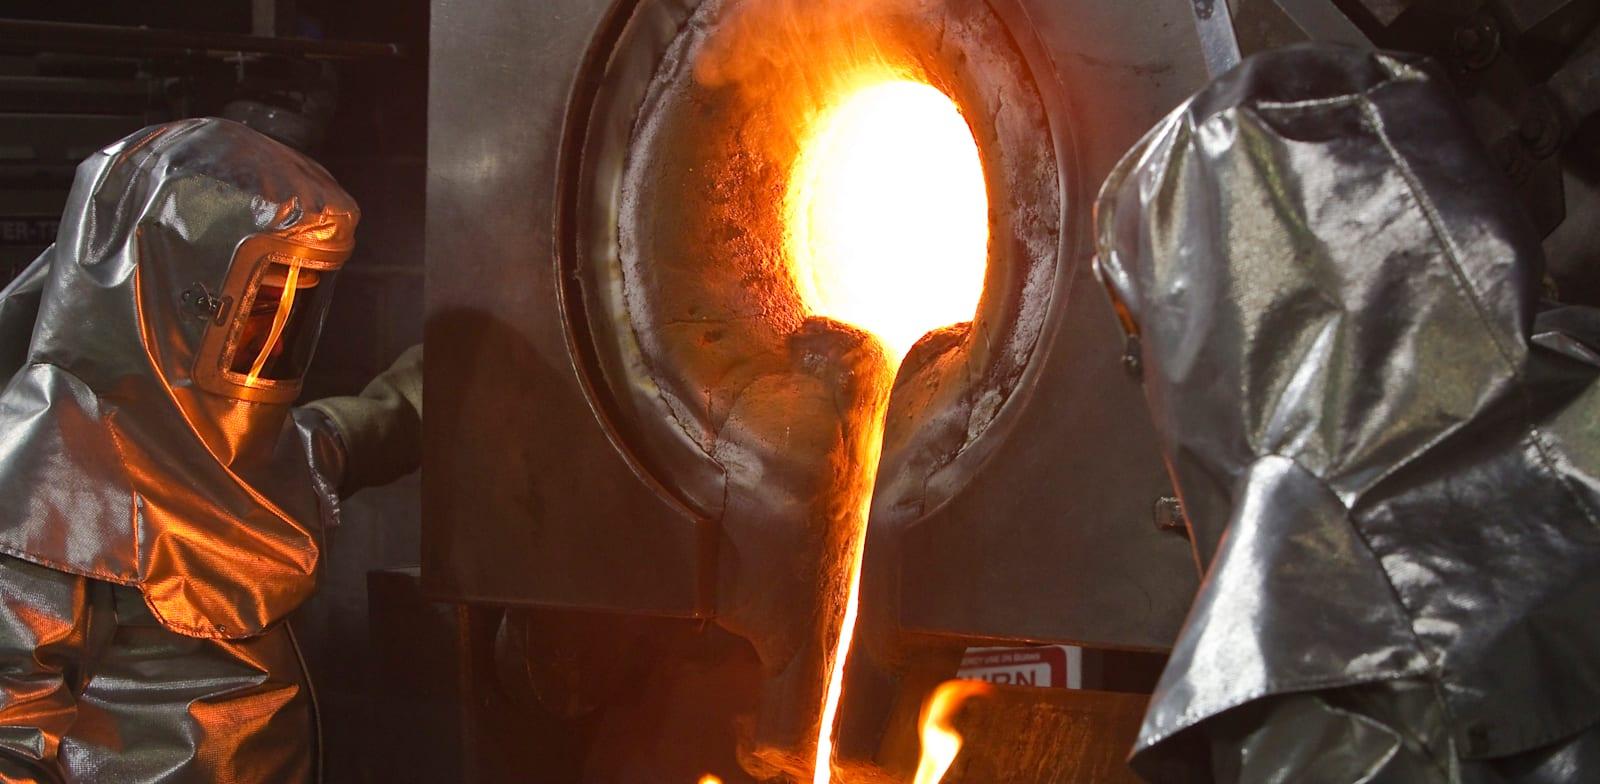 עובדים יוצקים זהב מותך לתוך תבניות במפעל קומטור / צילום: Reuters, Shamil Zhumatov